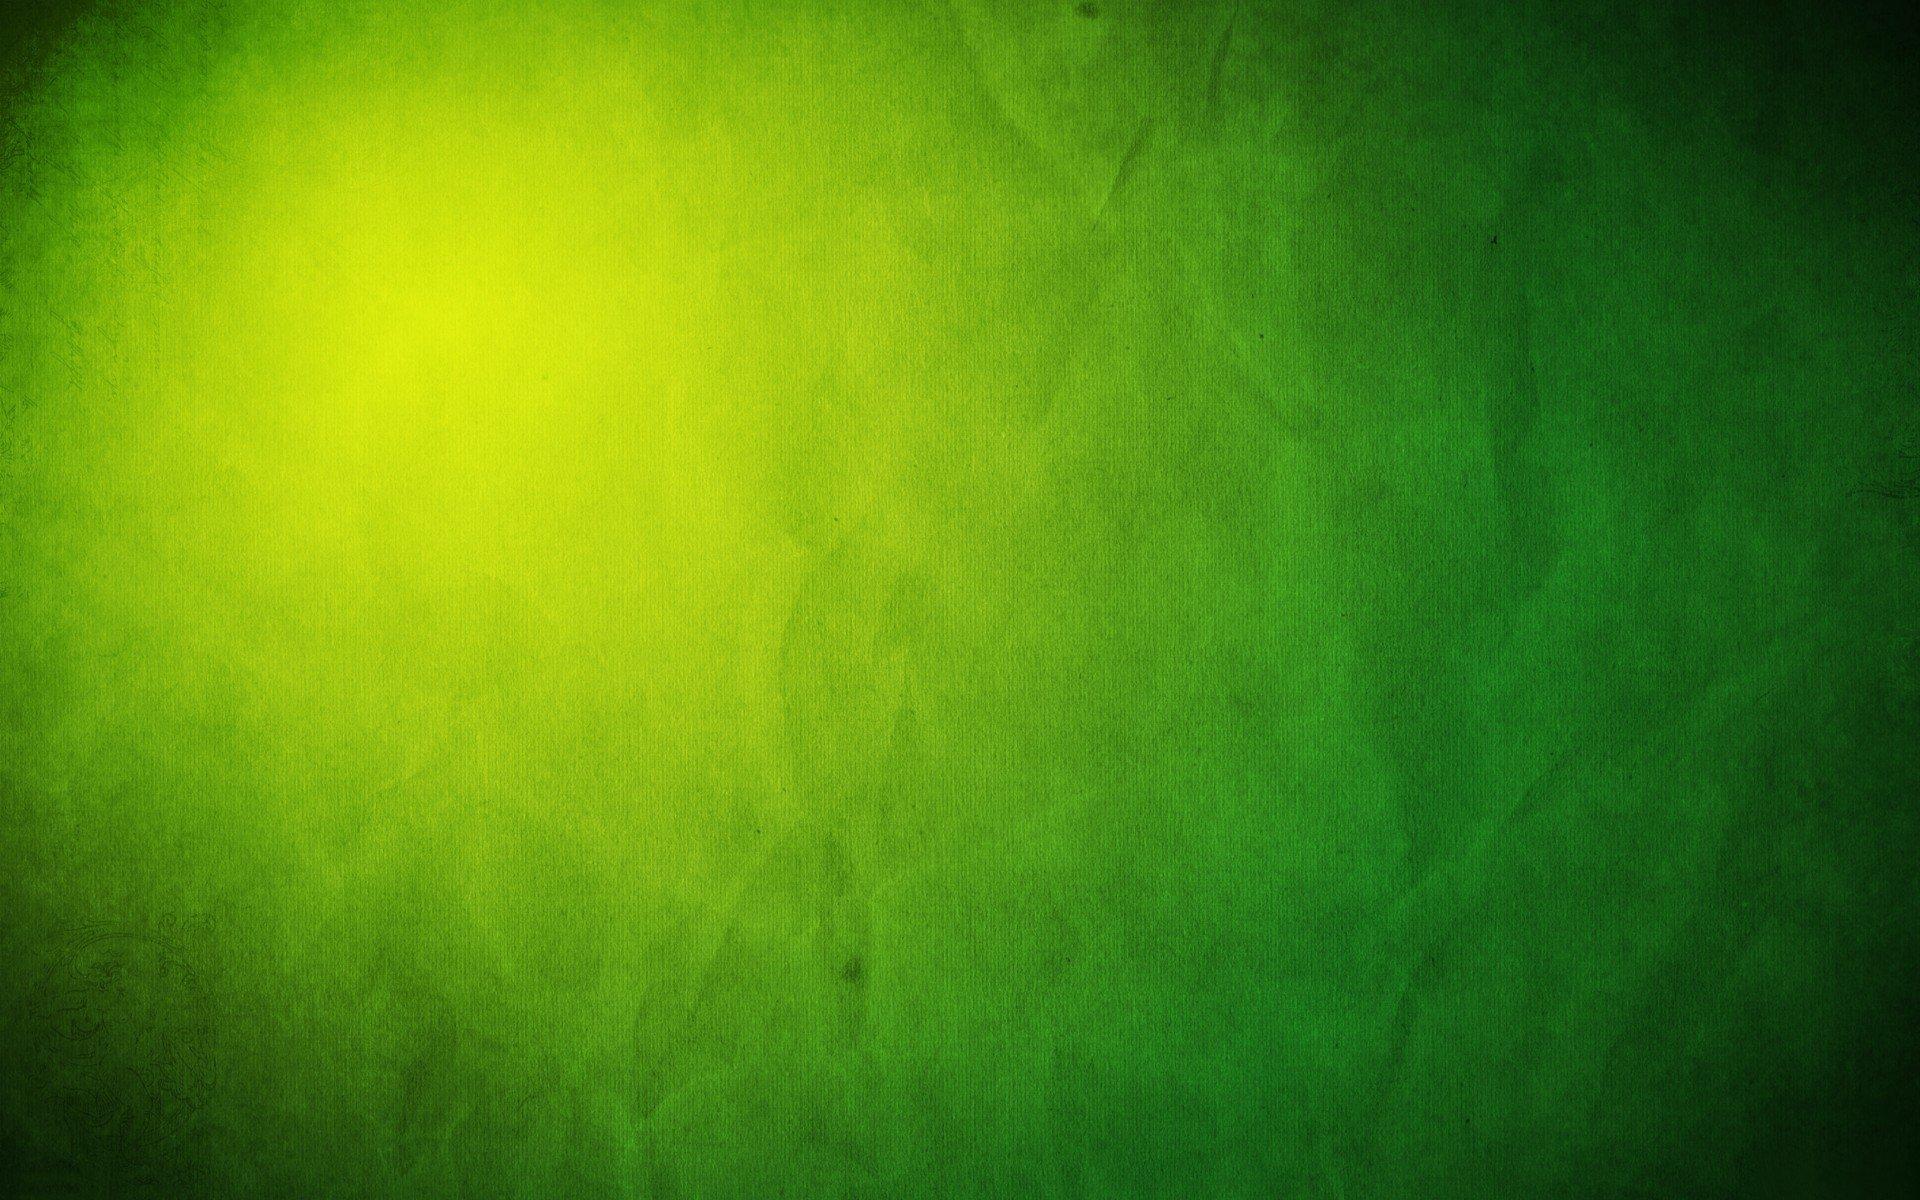 Light Green Background Wallpaper 1920x1200 582727